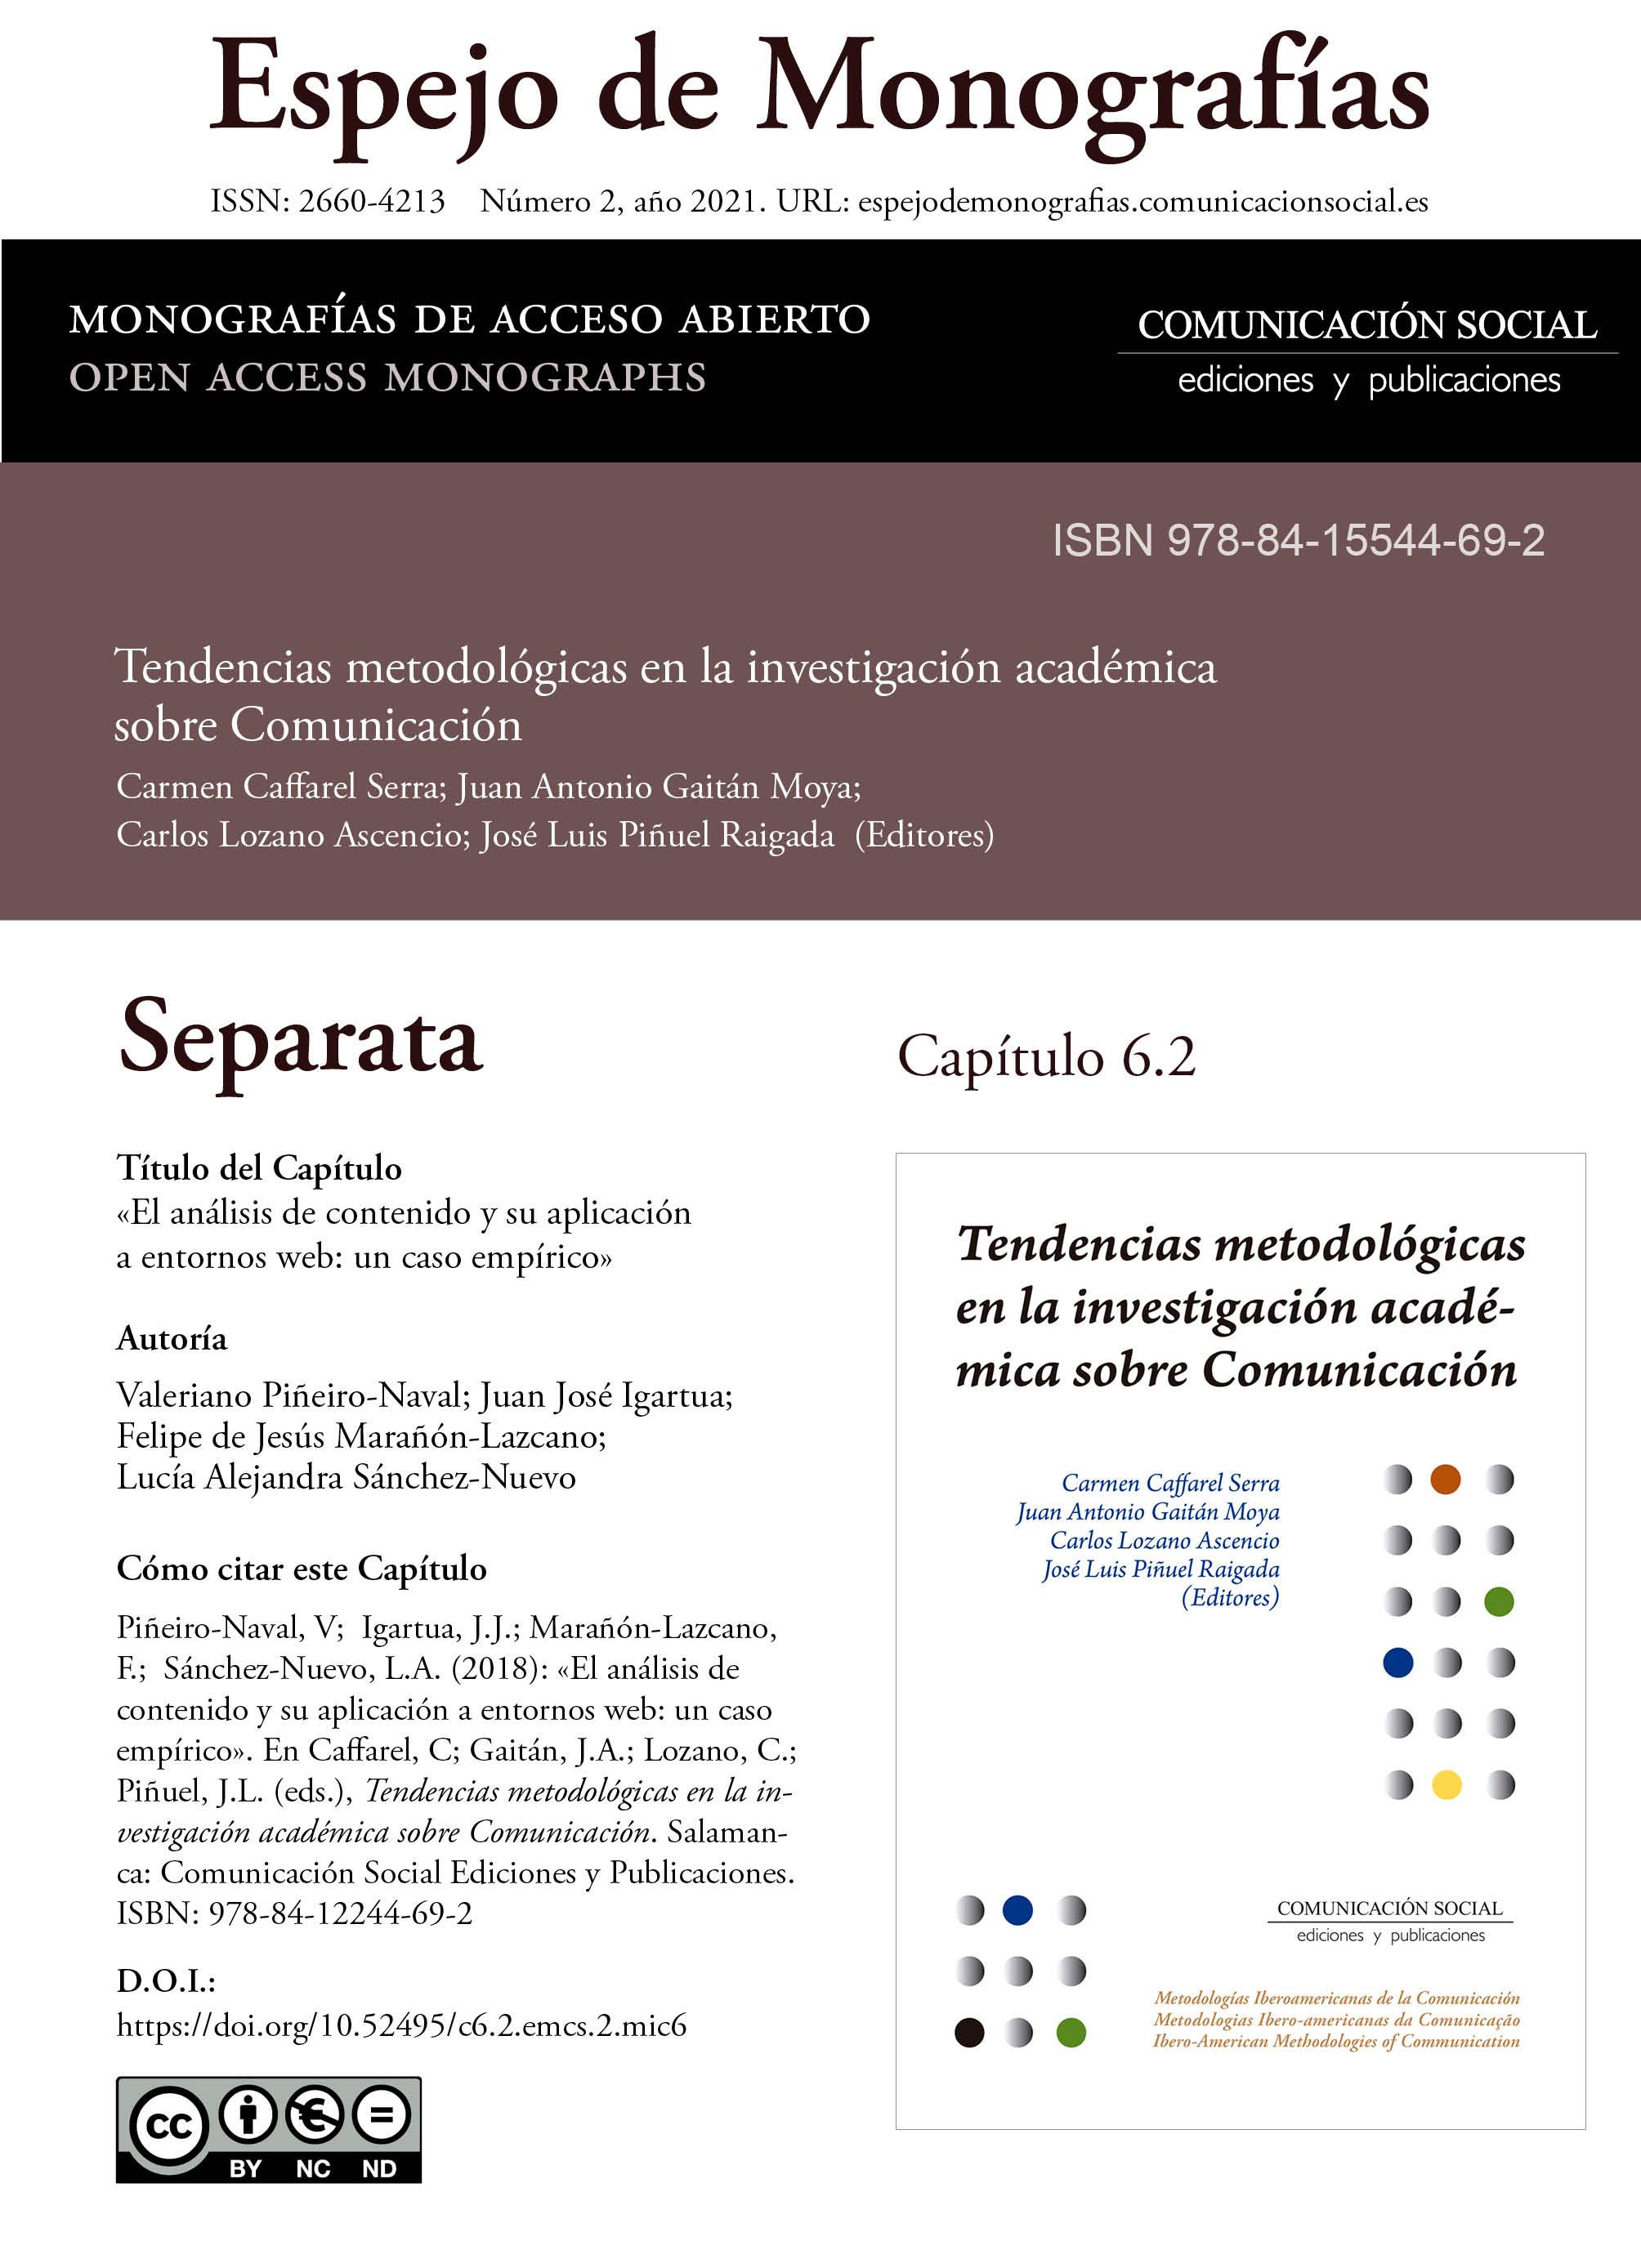 Separata del Capítulo 6.2 correspondiente a la monografía Tendencias metodológicas en la investigación académica en Comunicación